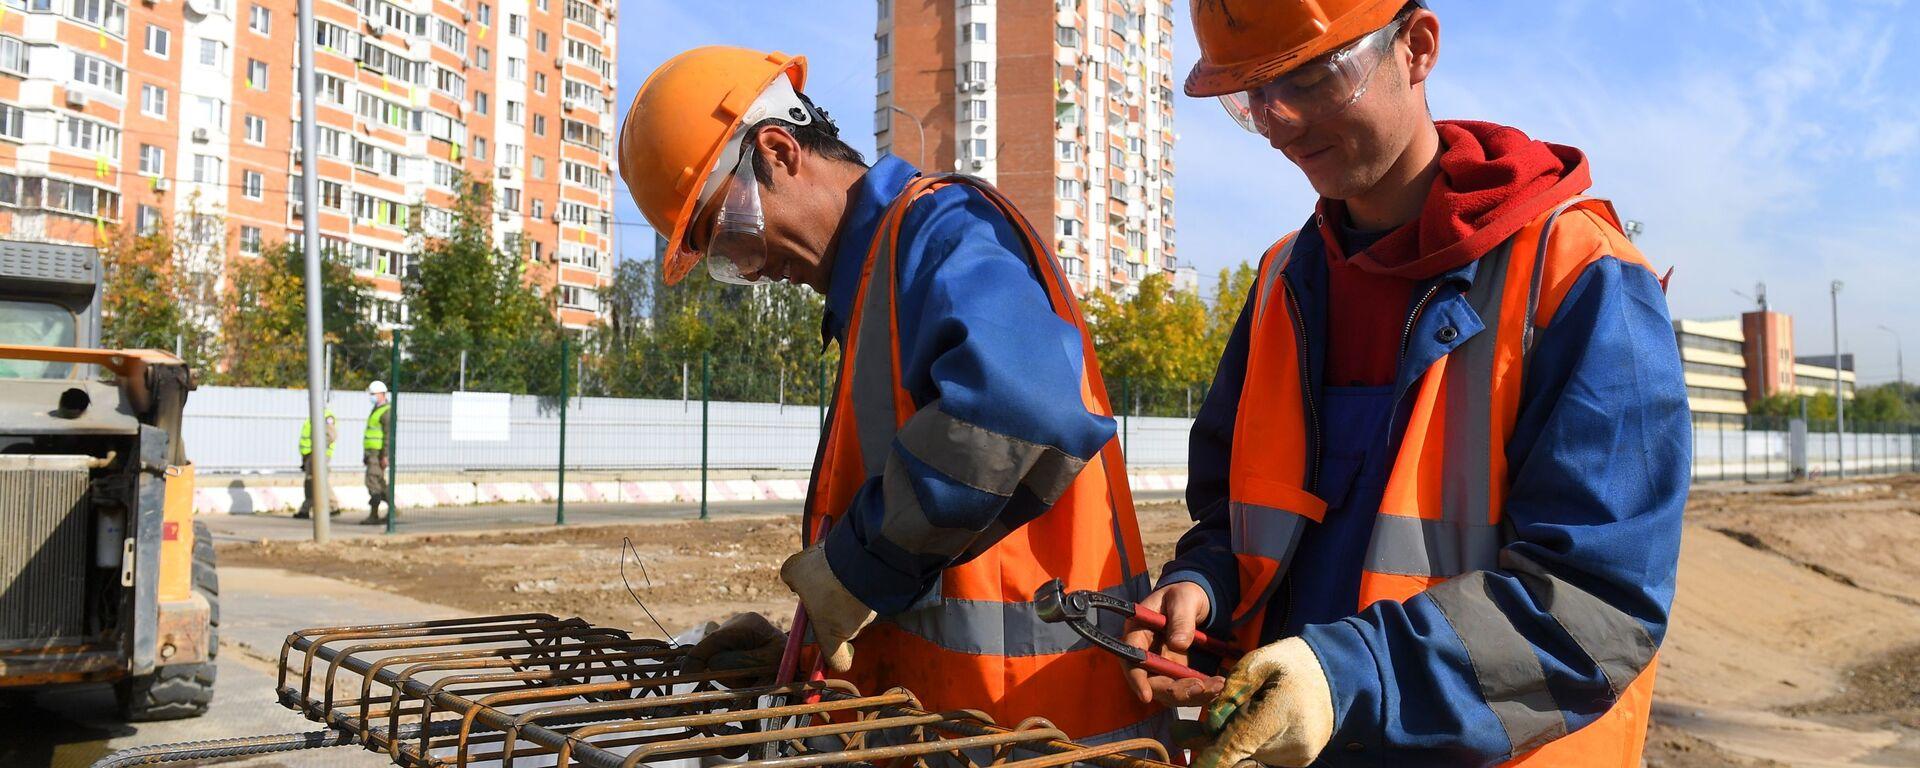 Рабочие на строительной площадке - Sputnik Ўзбекистон, 1920, 13.09.2021